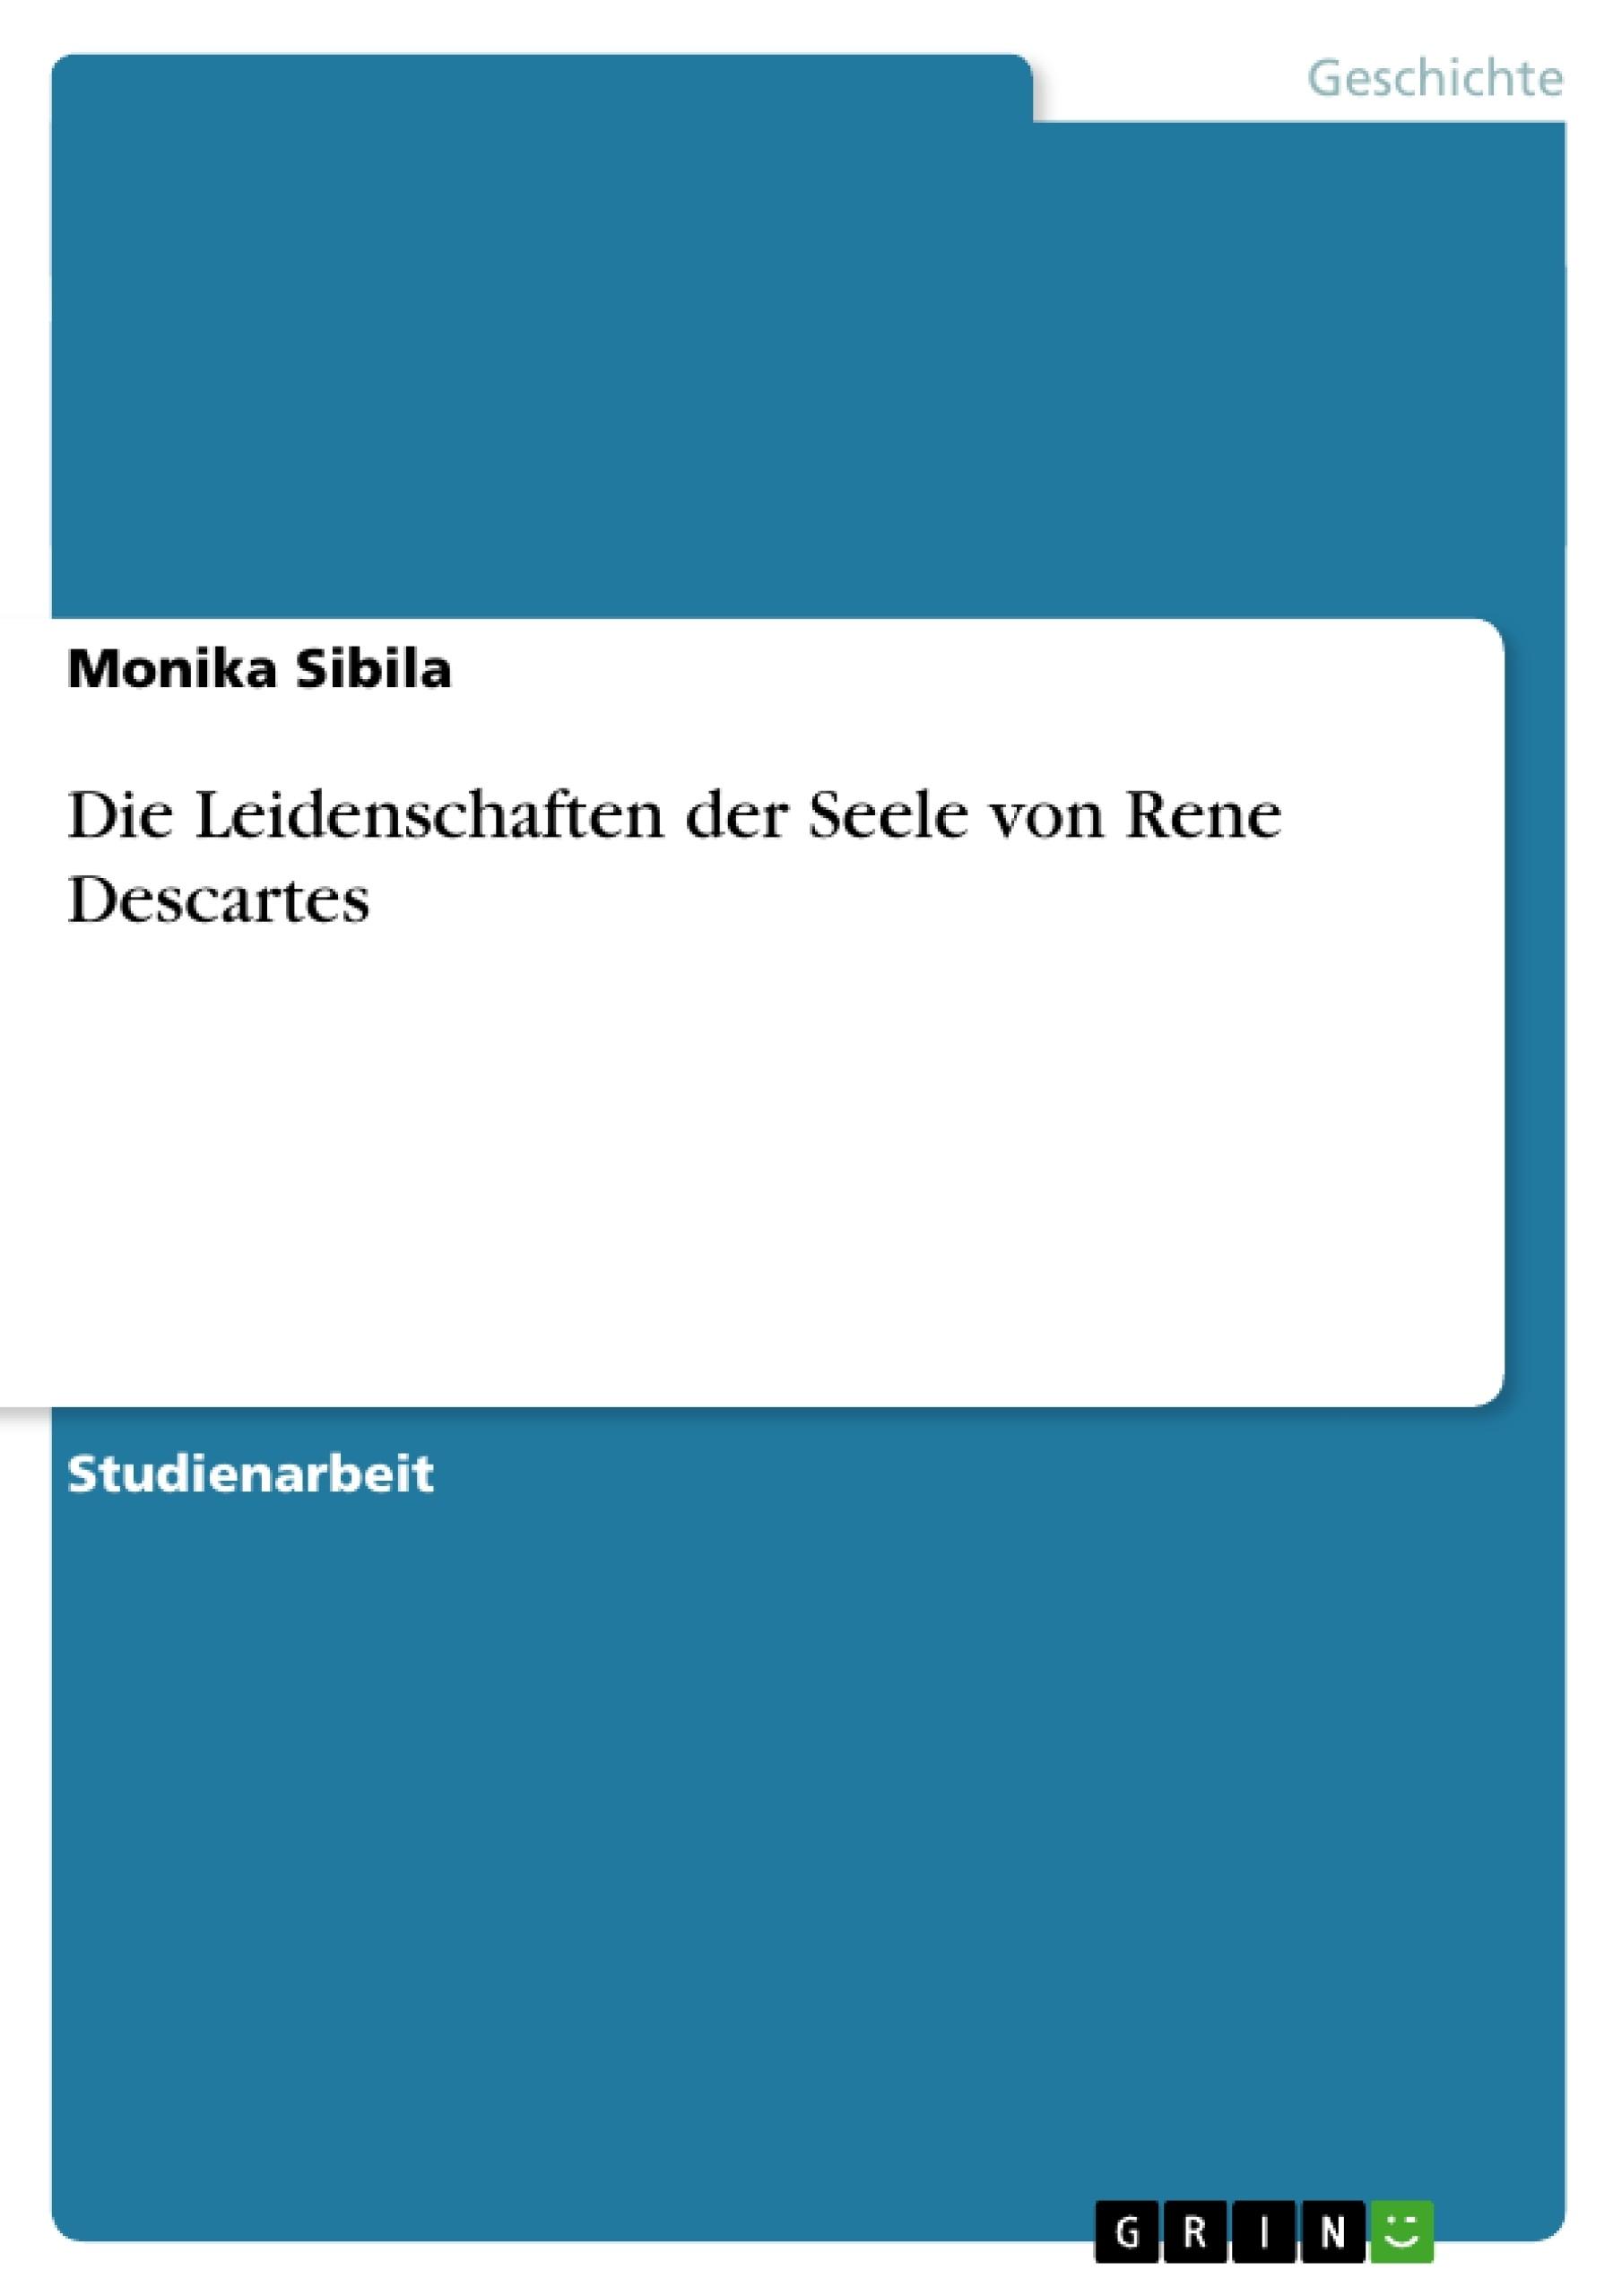 Titel: Die Leidenschaften der Seele von Rene Descartes